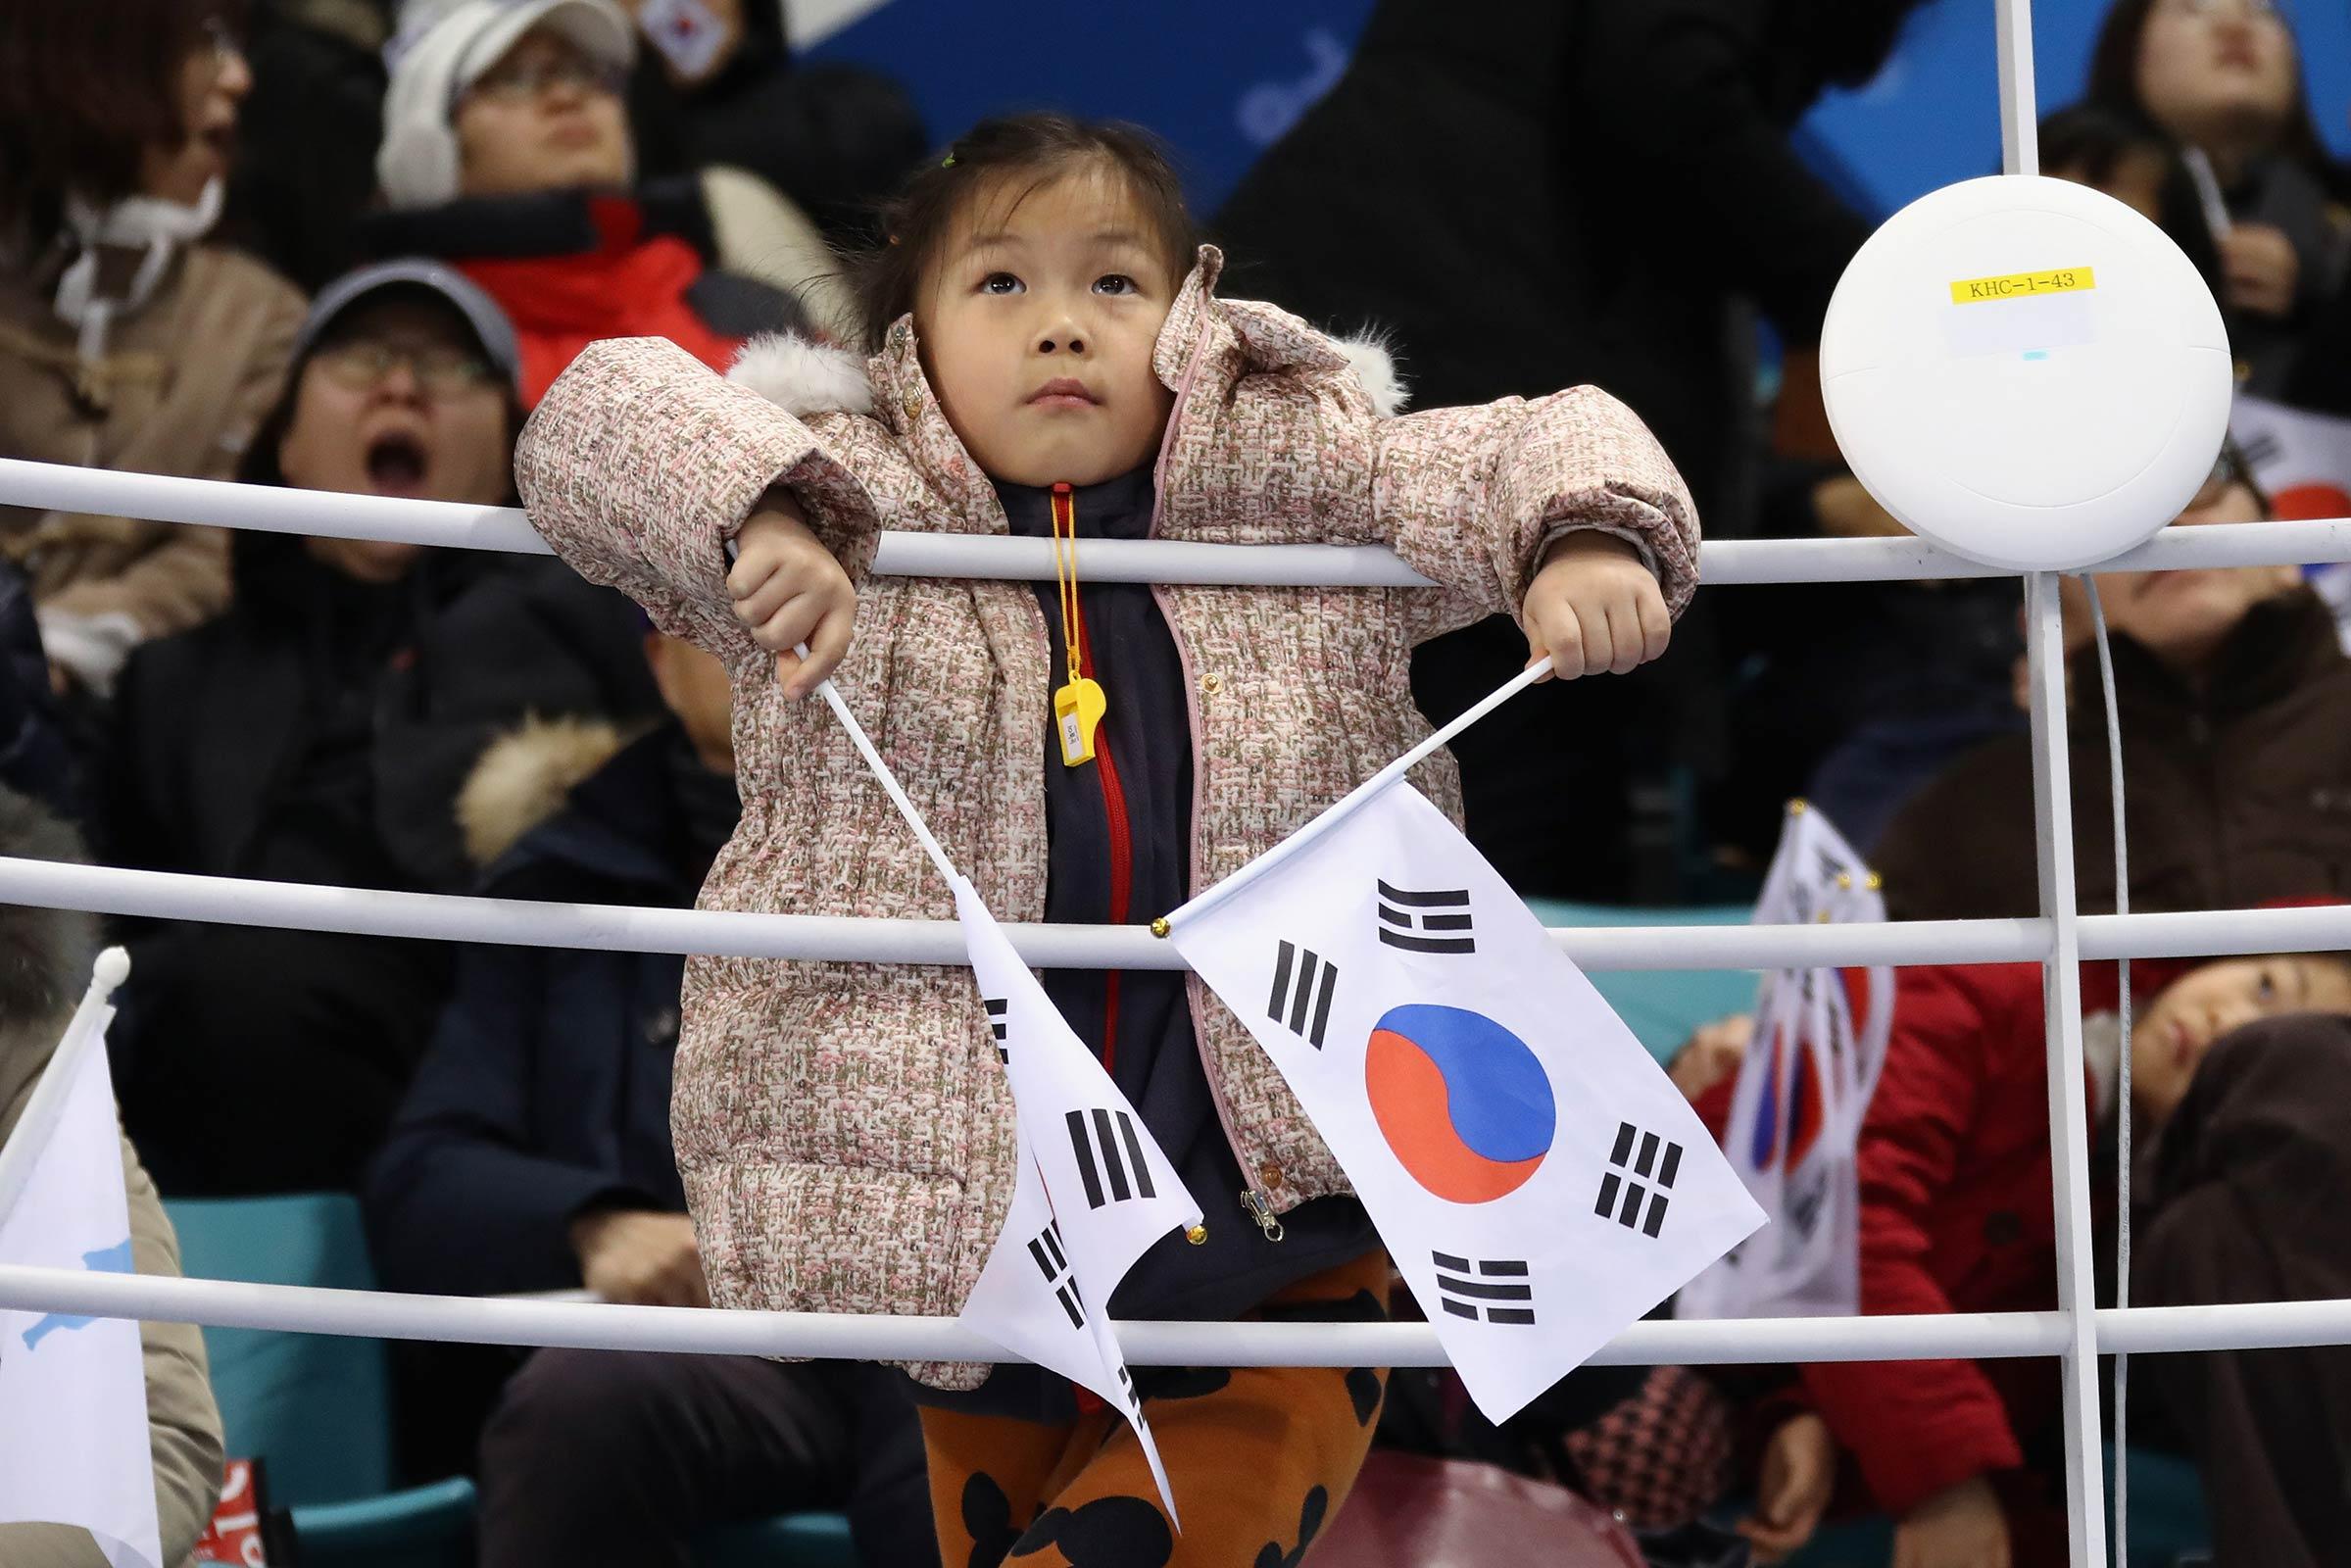 Олімпіада у Південній Кореї